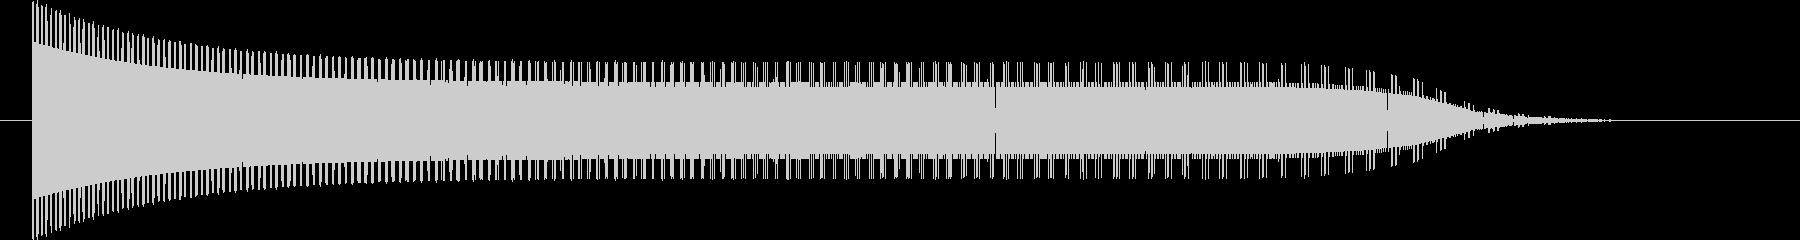 ヒューン(メーターが下がっていく音)の未再生の波形